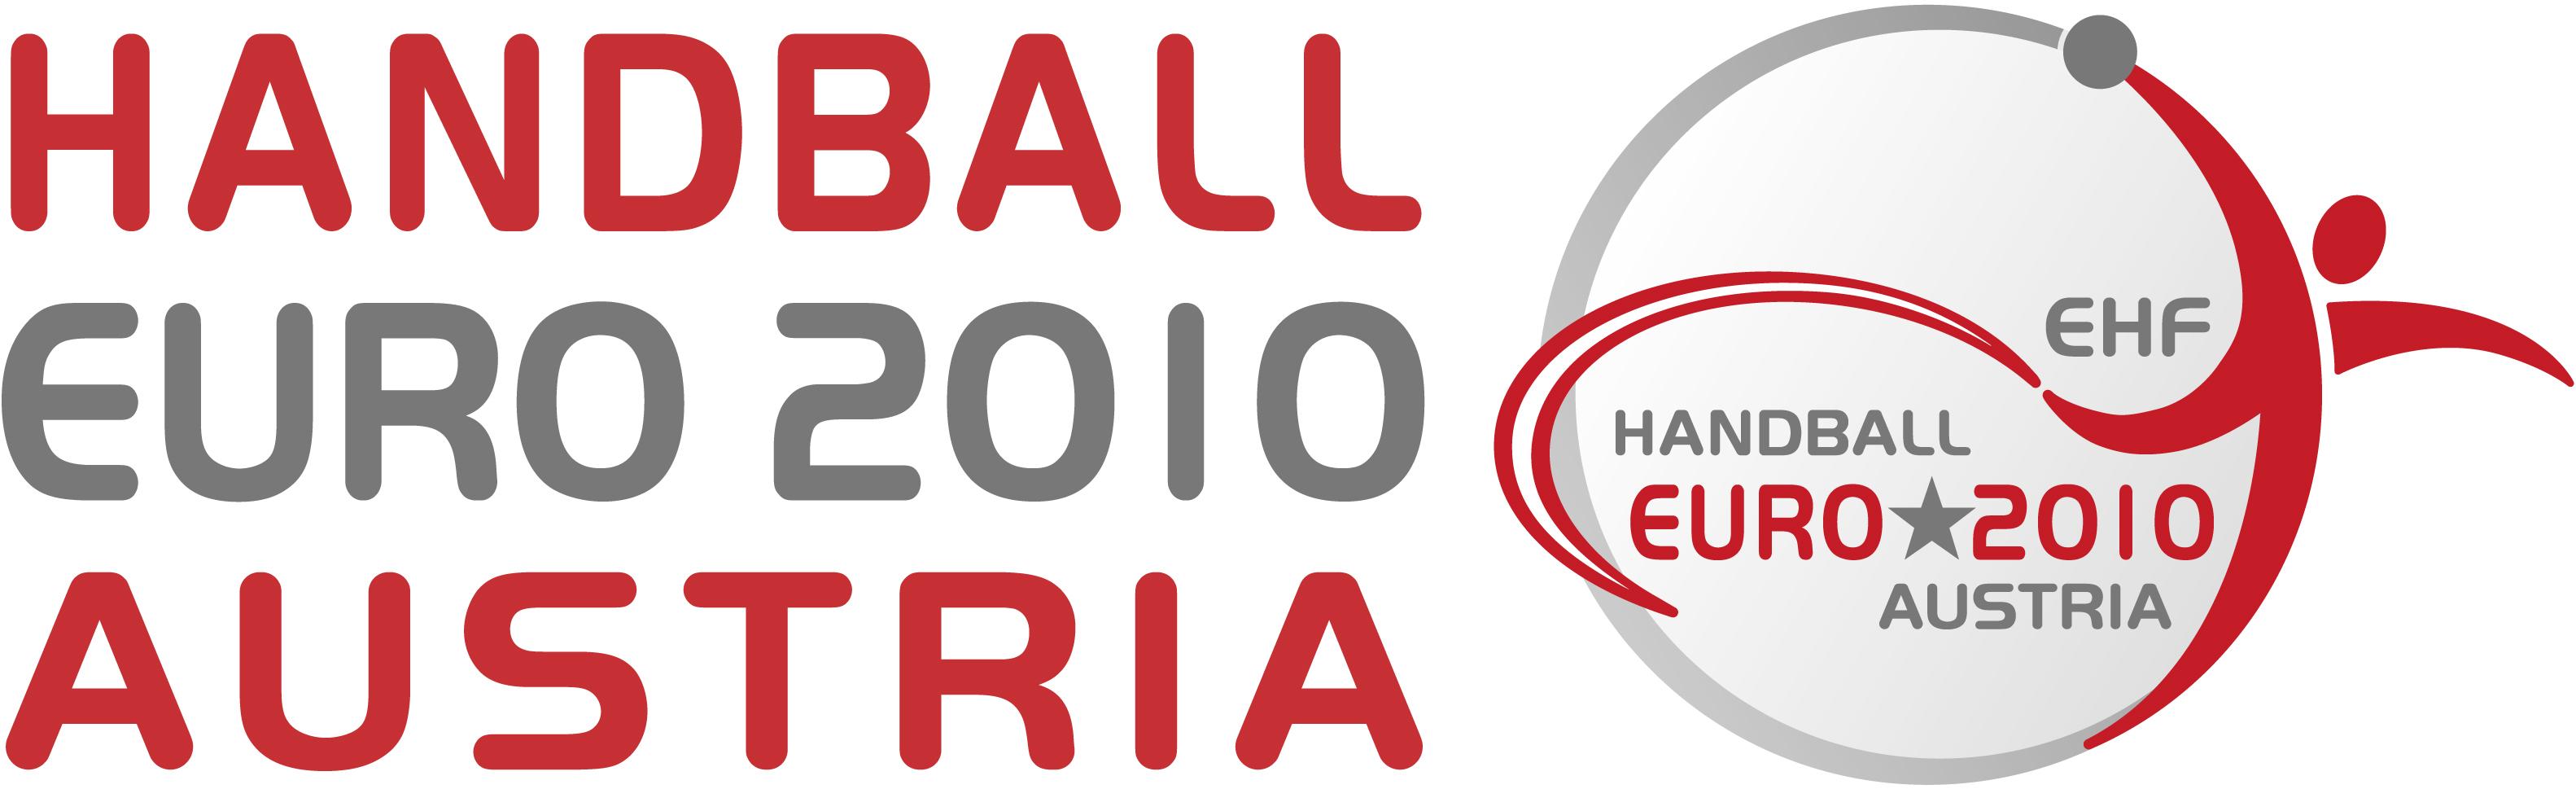 Apuesta Balonmano: La Eurocopa Austria 2010 se roba todas las miradas